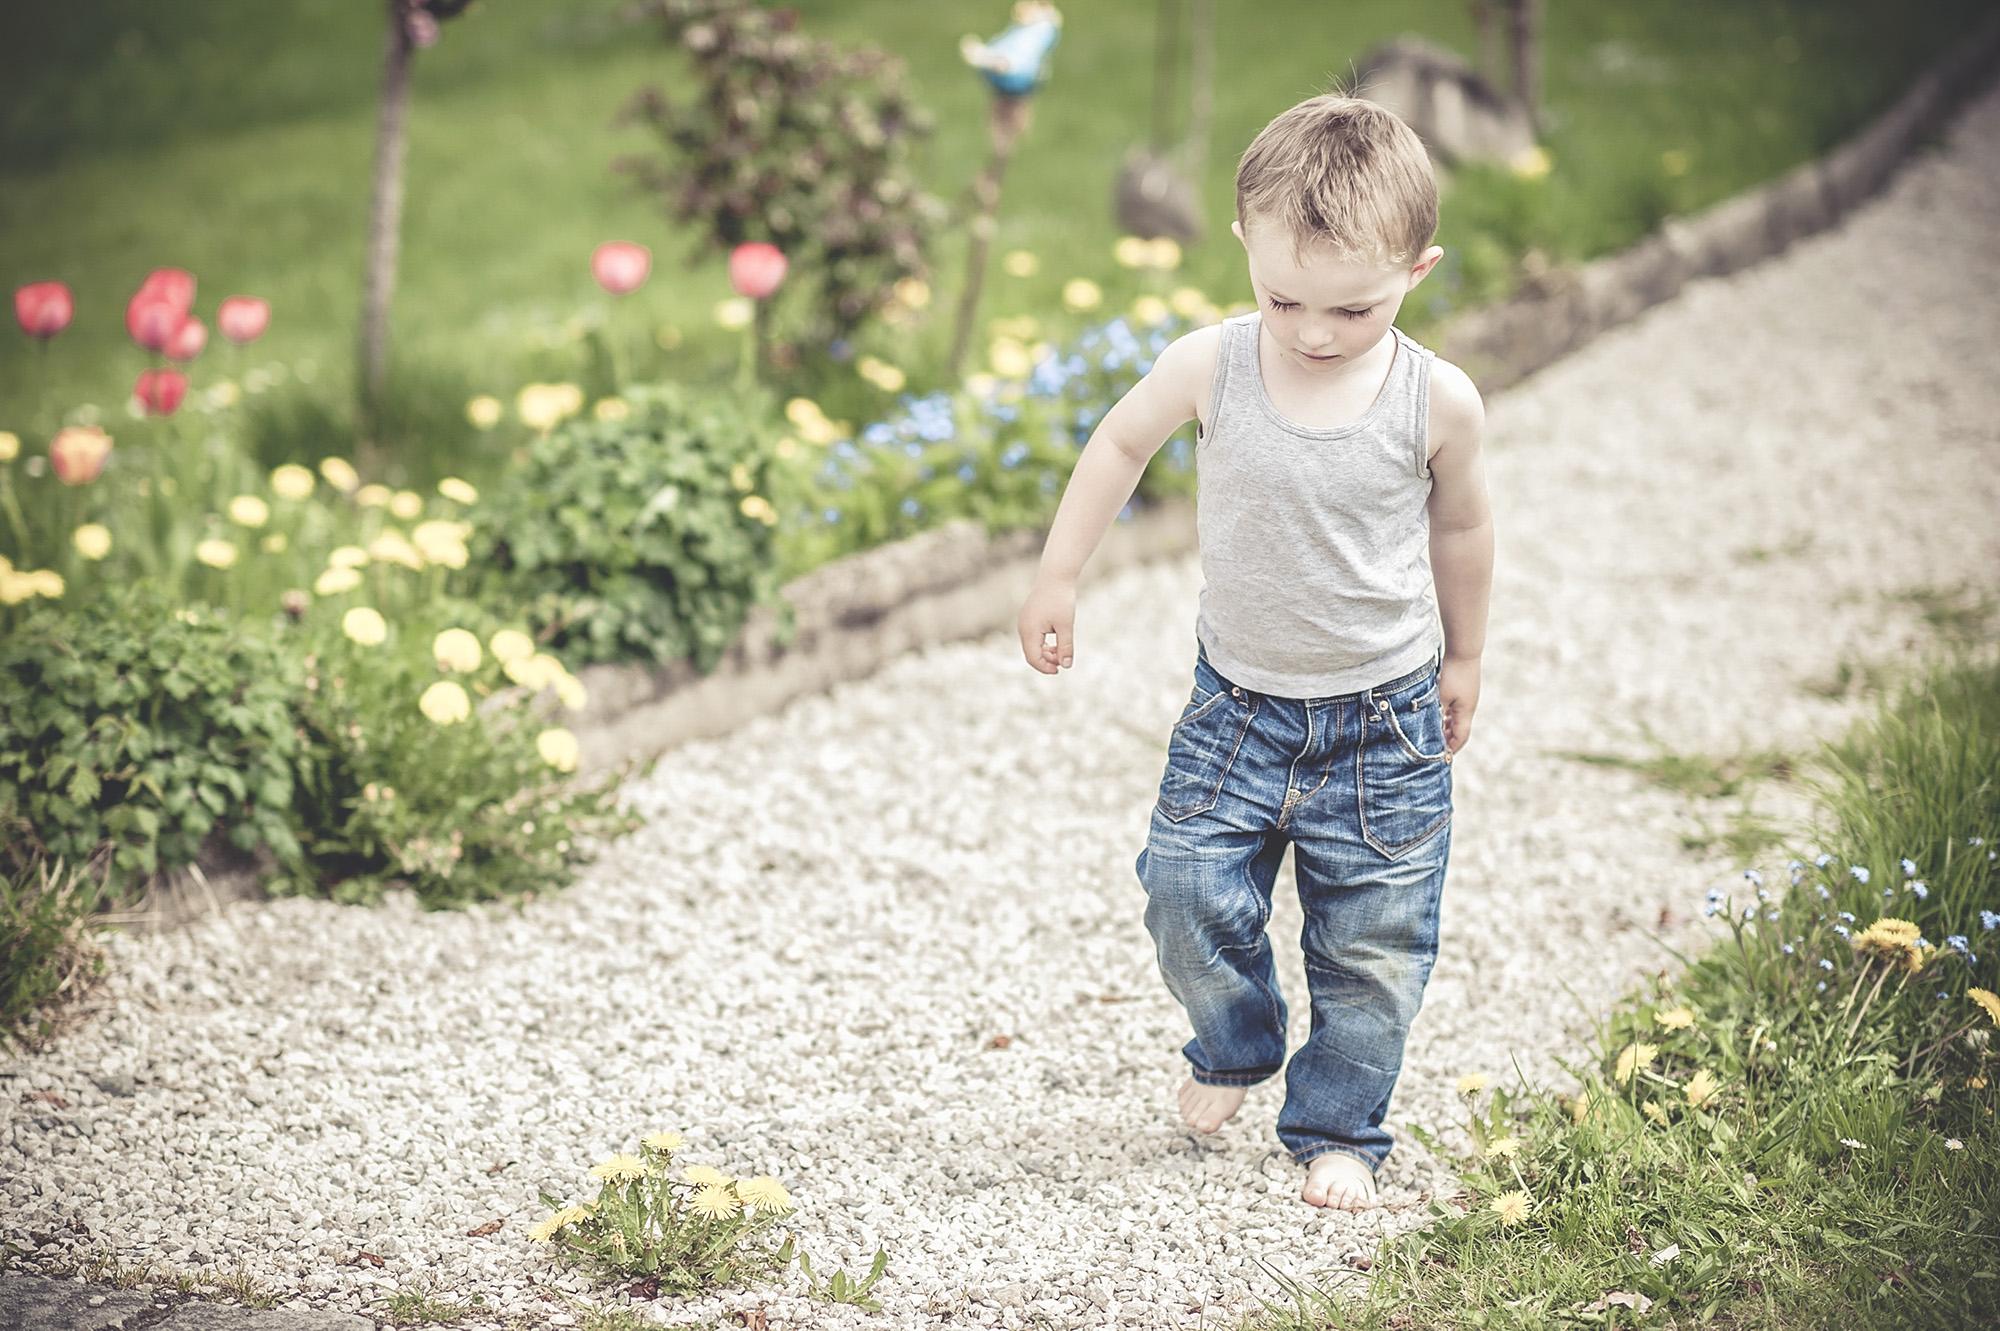 Kinderfoto_Garten